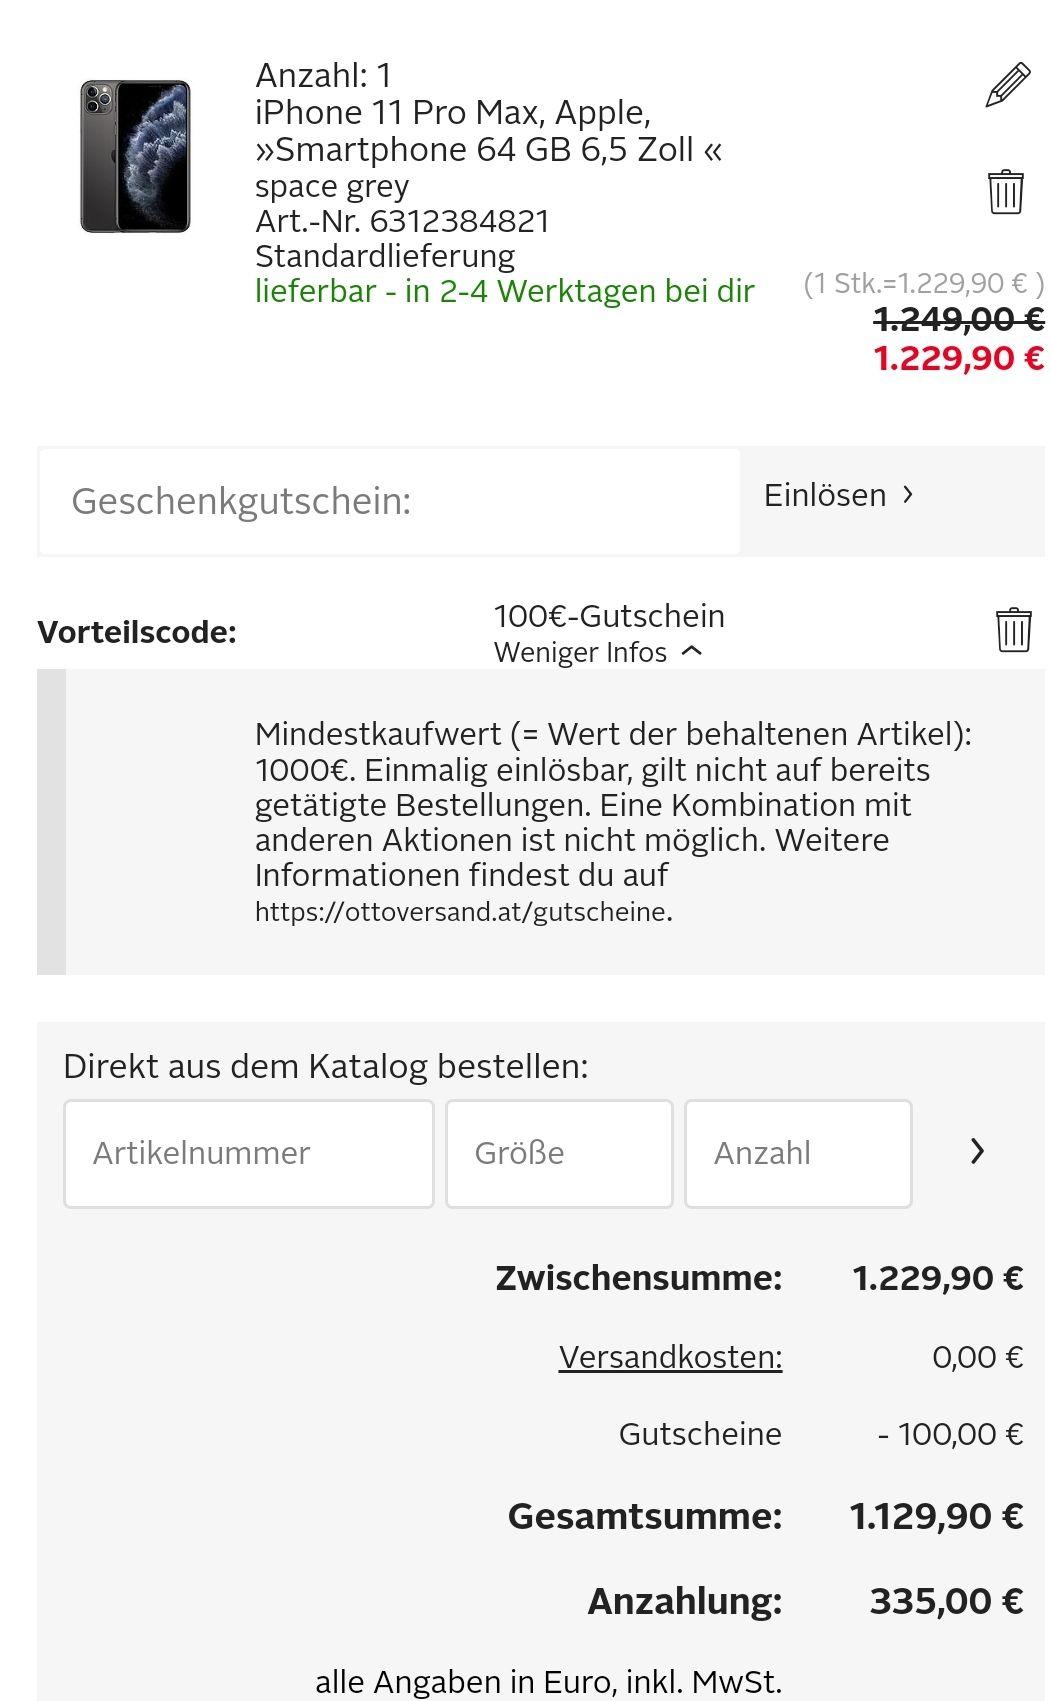 100,- Rabatt ab 1.000,- Einkauf bei Otto - gute Preise für zB iPhone 11 pro max